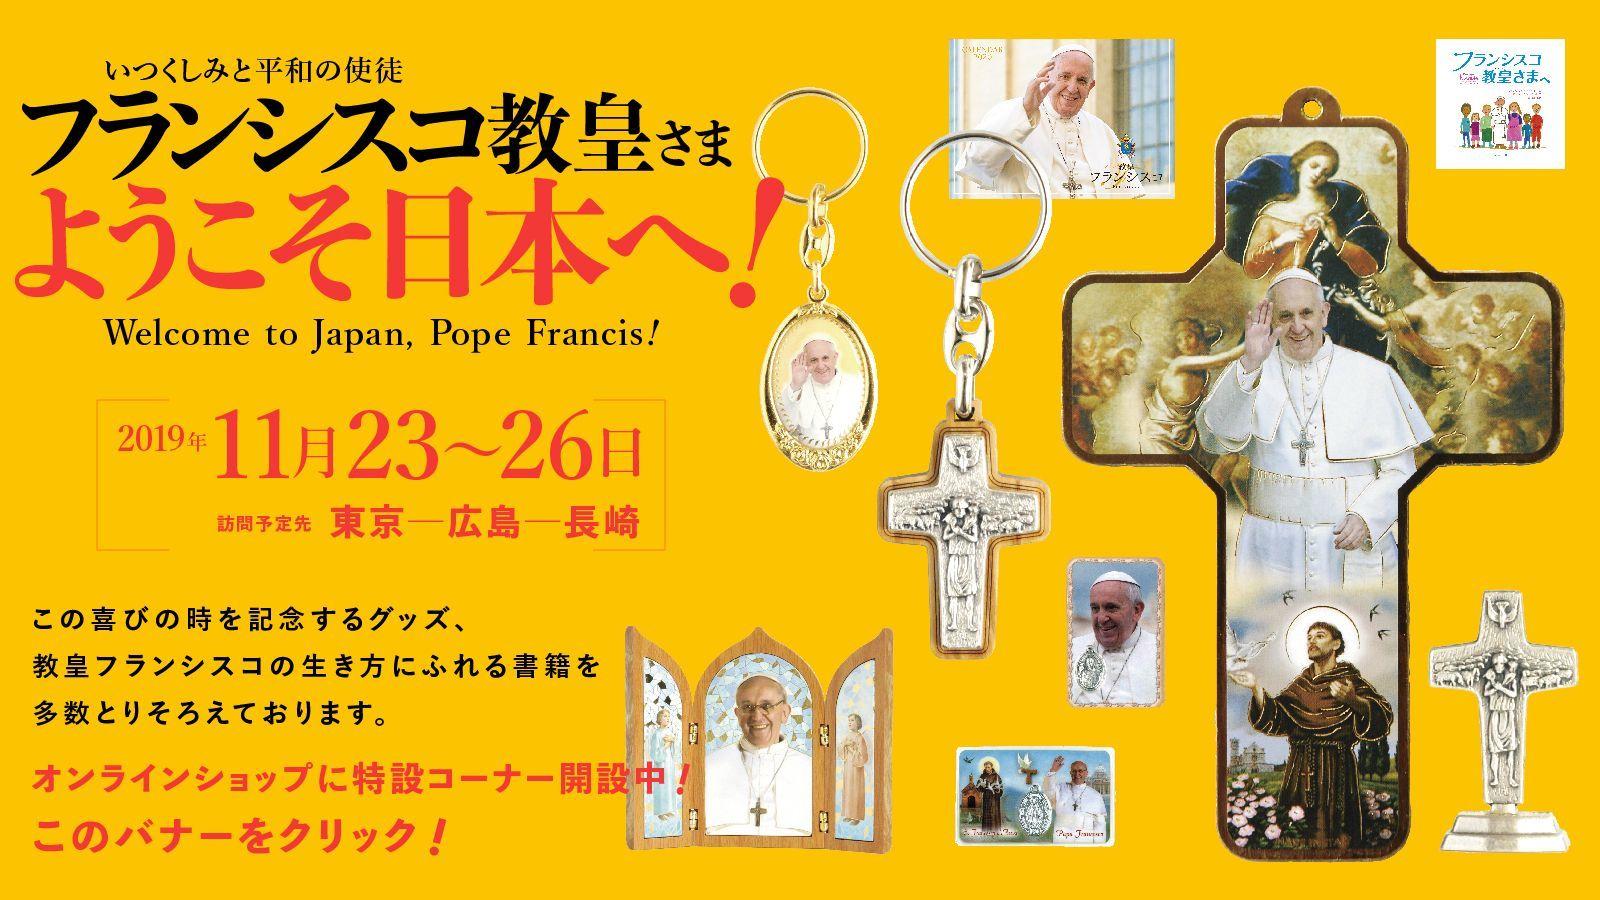 教皇訪日記念特集